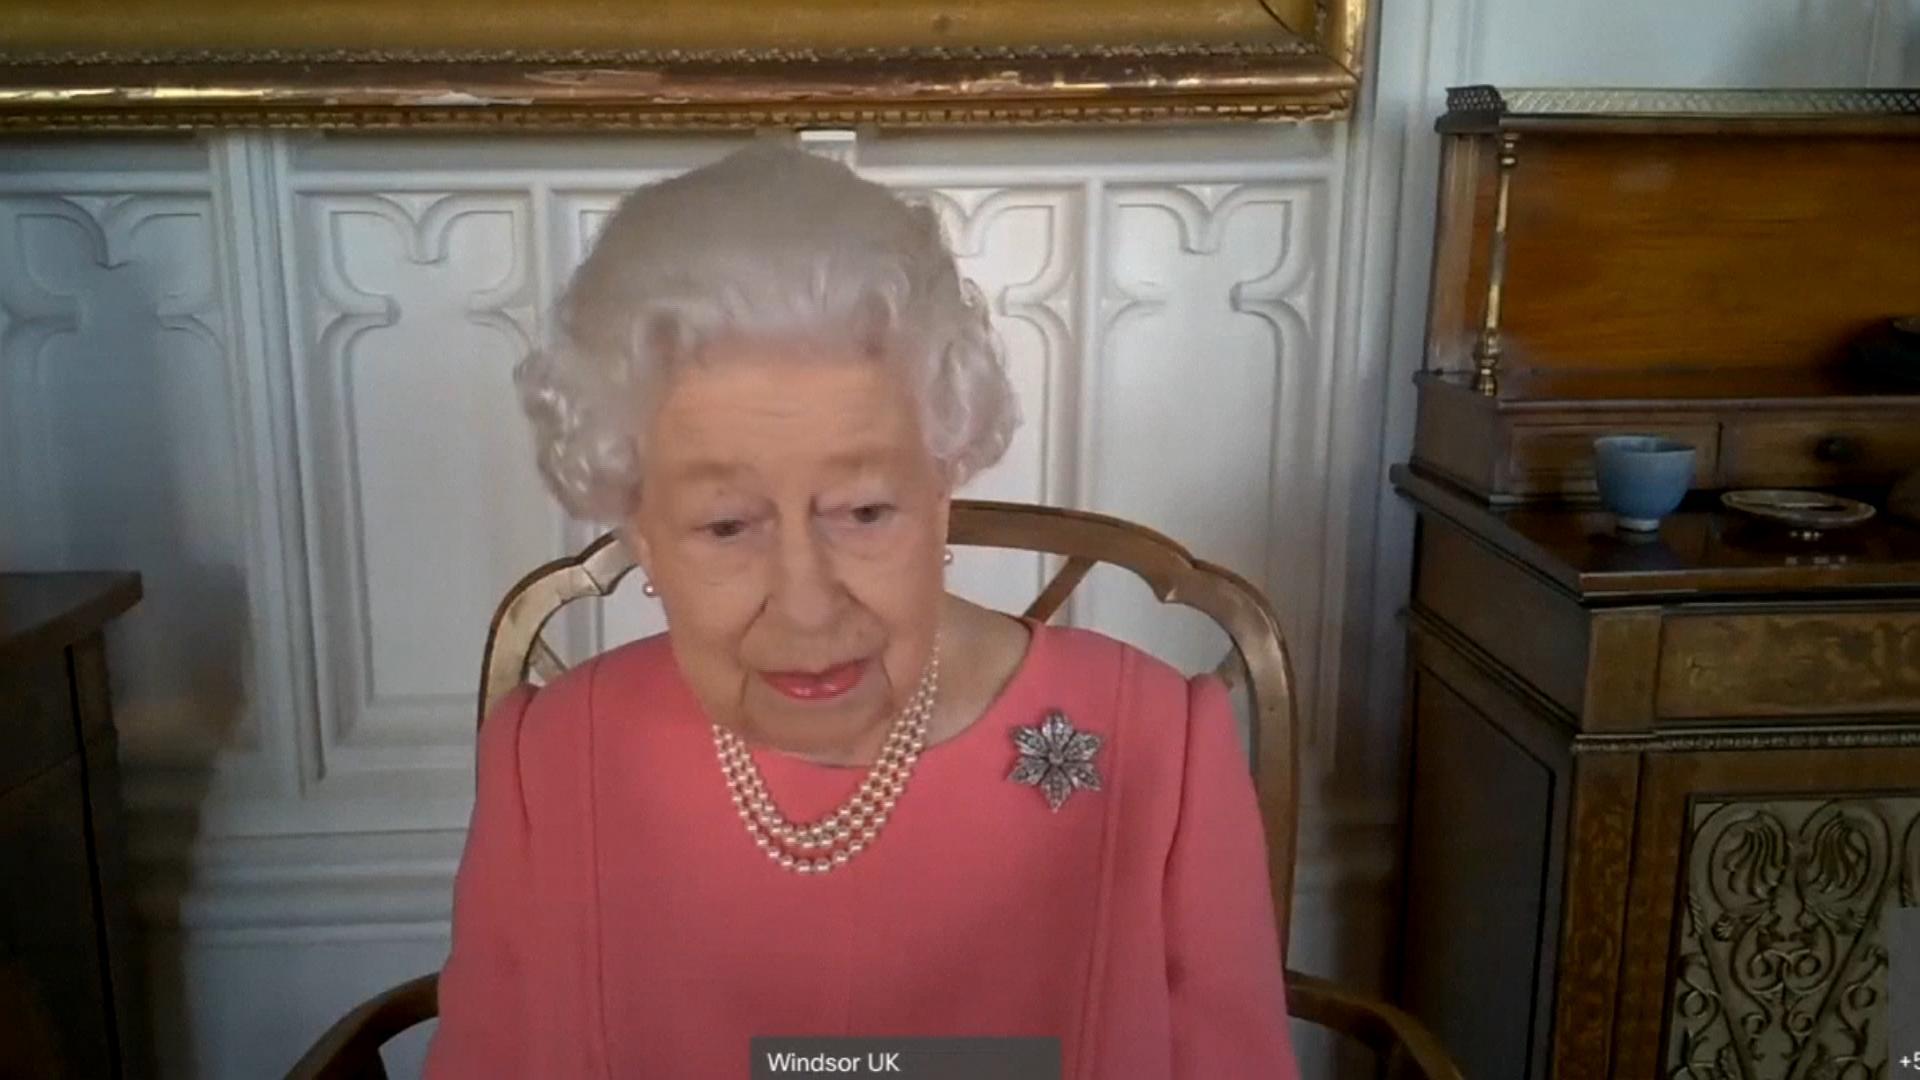 分享接種疫苗經驗 英女王:一點也不痛